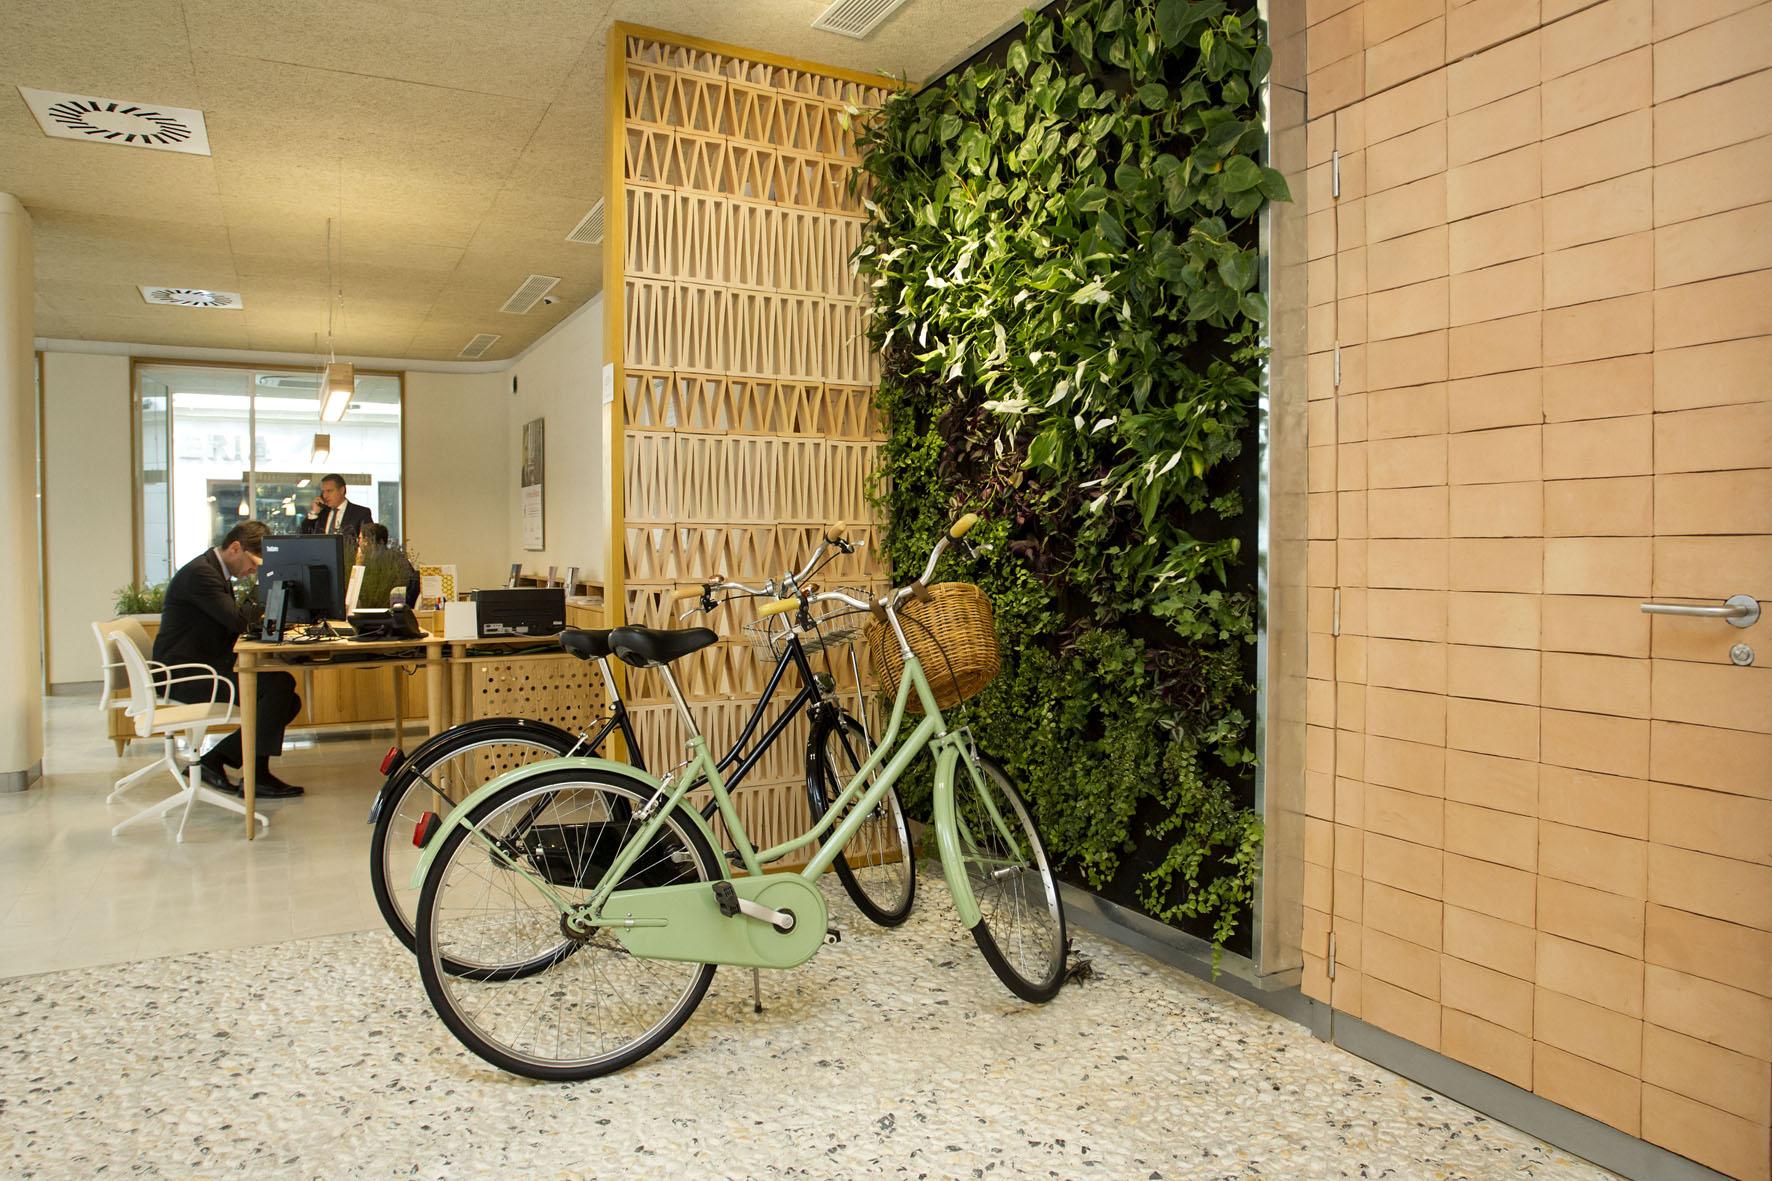 Málaga (España) nueva oficina de Triodos Bank en Málaga (Calle Córdoba nº9).Triodos Bank Malaga diseño ecoeficiente . Premio Nacional Green Solutions  Awards 2017 . Construction21 International